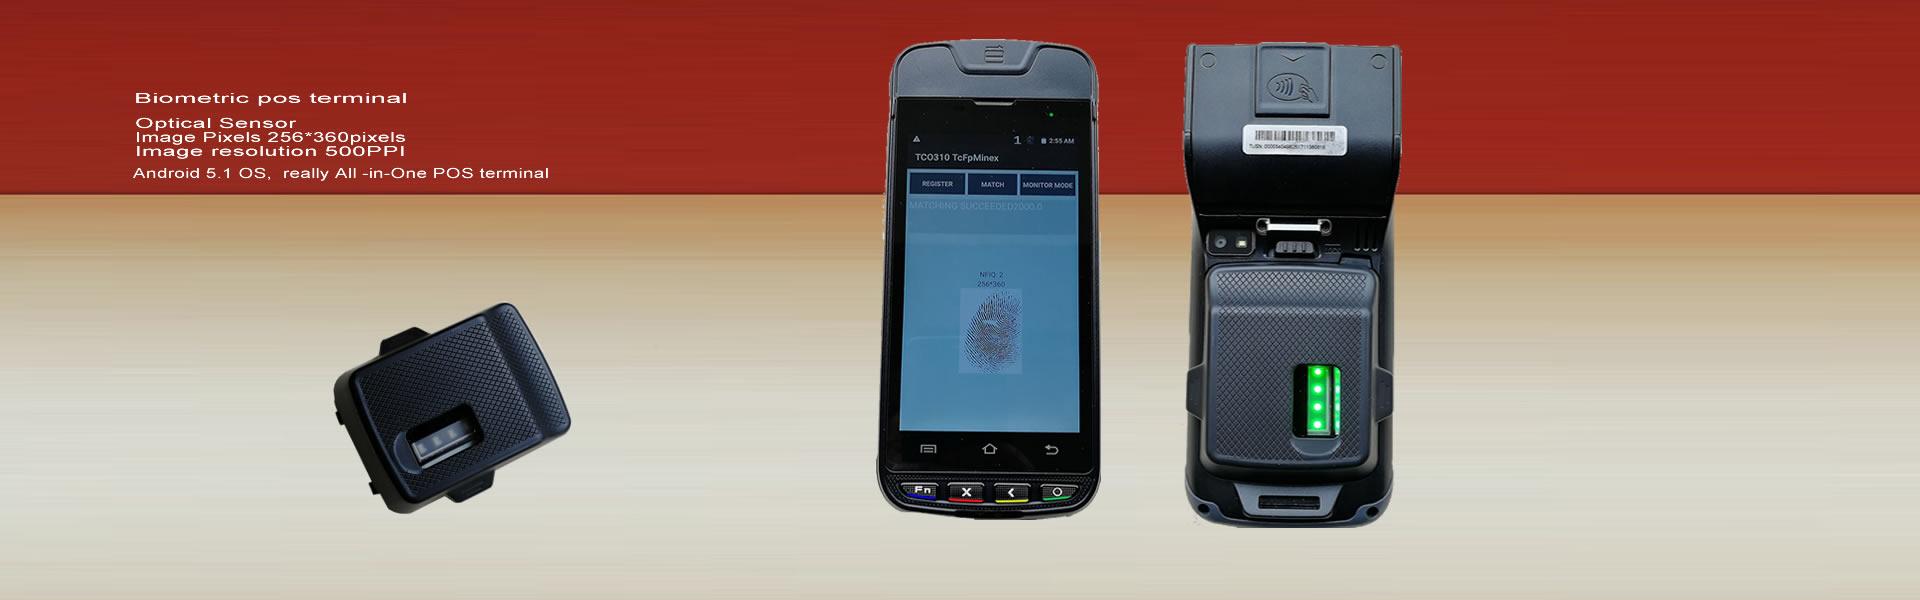 i9000s Fingerprint